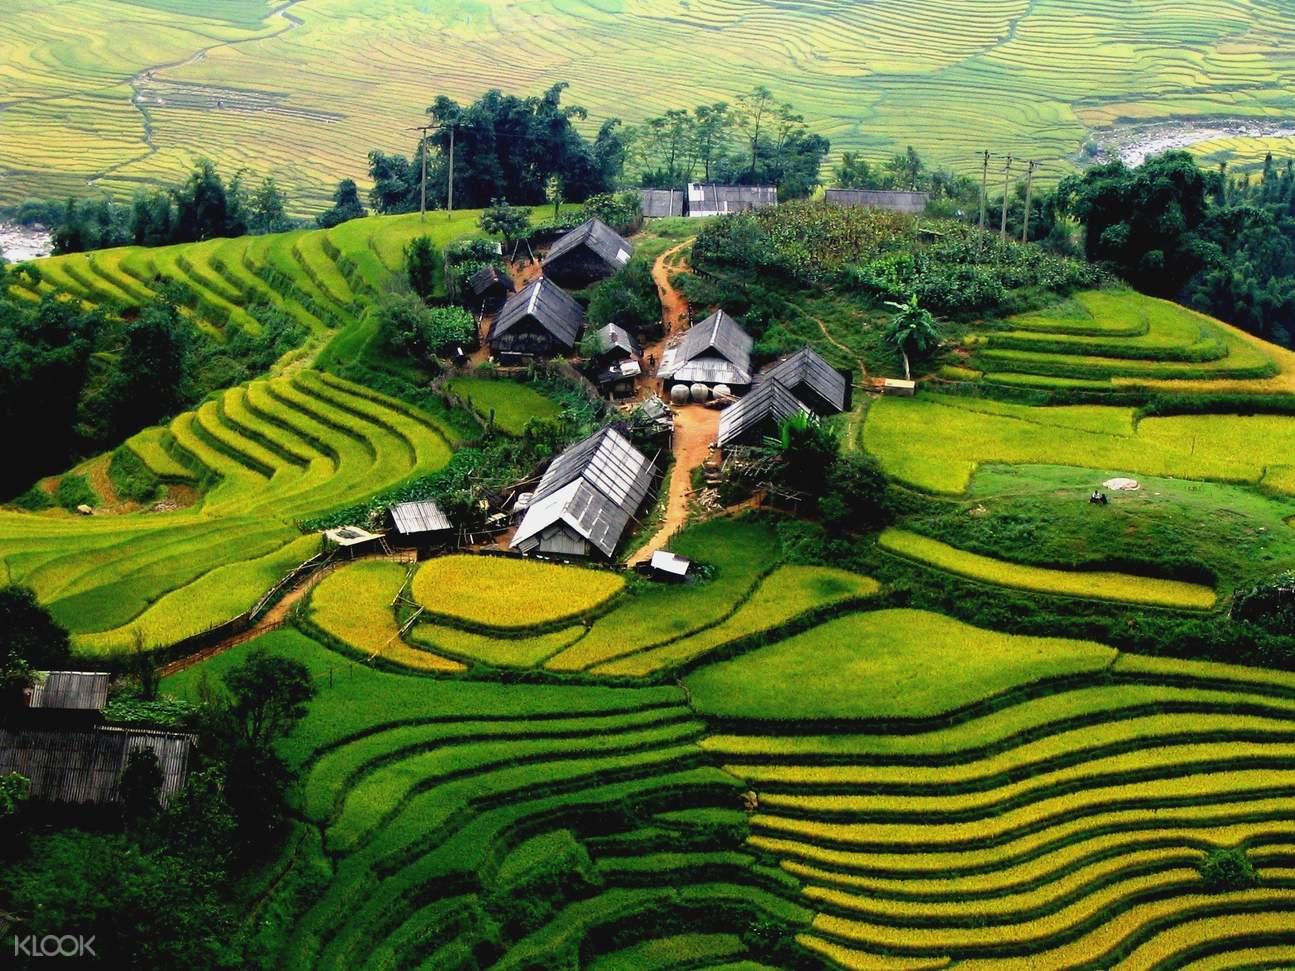 越南旅遊,薩帕旅遊,徒步薩帕之旅,越南梯田,徒步薩帕